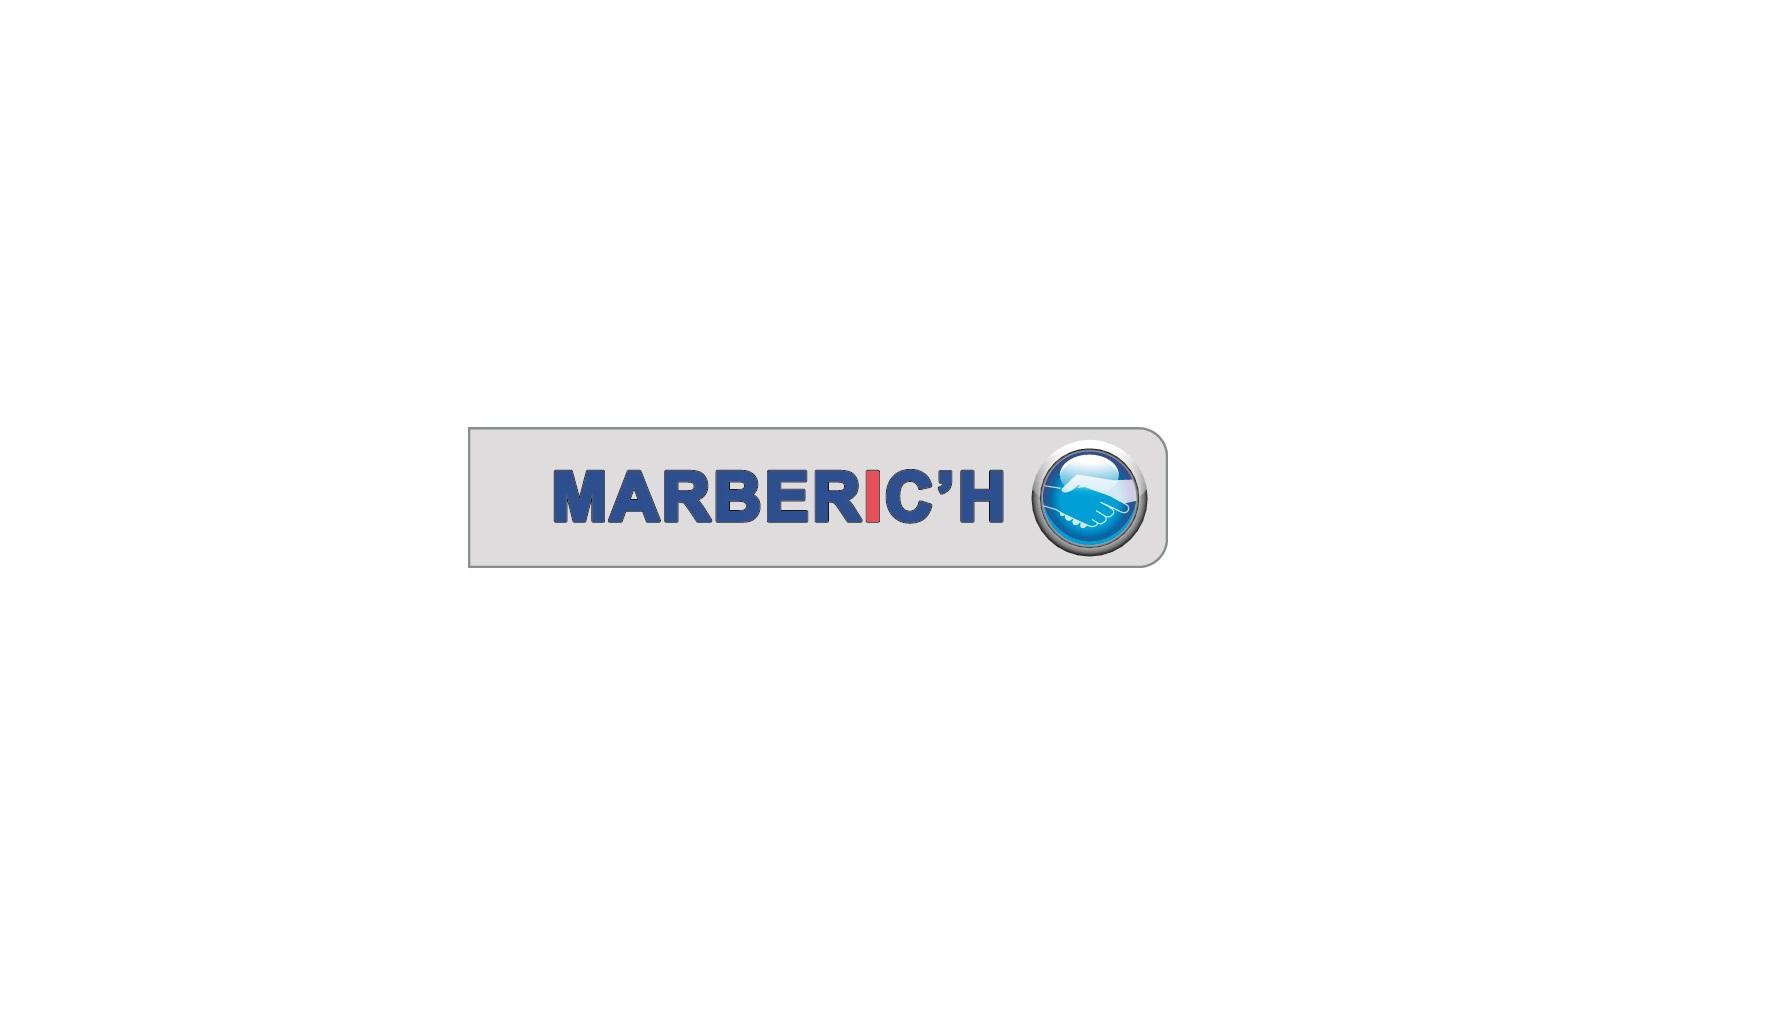 MARBERICH